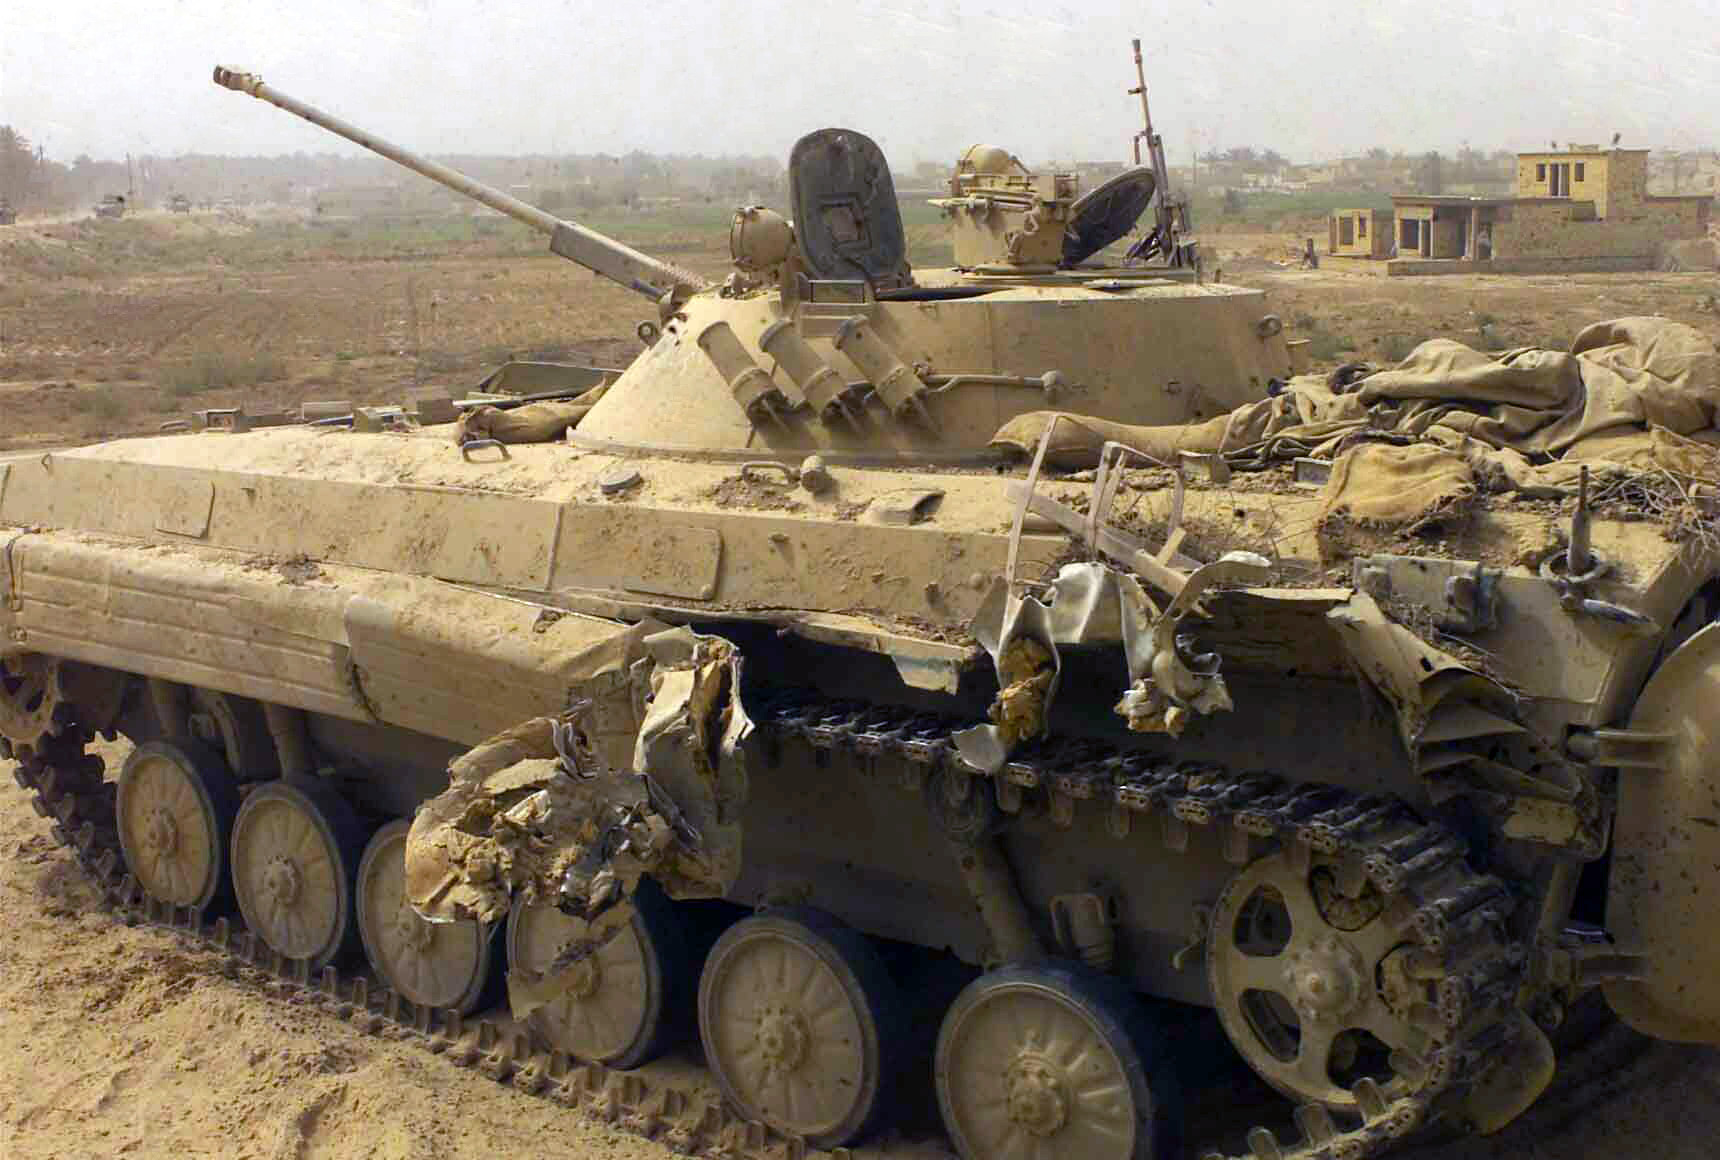 VEHICULOS Y BLINDADOS PORTATROPAS - Página 2 Damaged_Iraqi_BMP-2